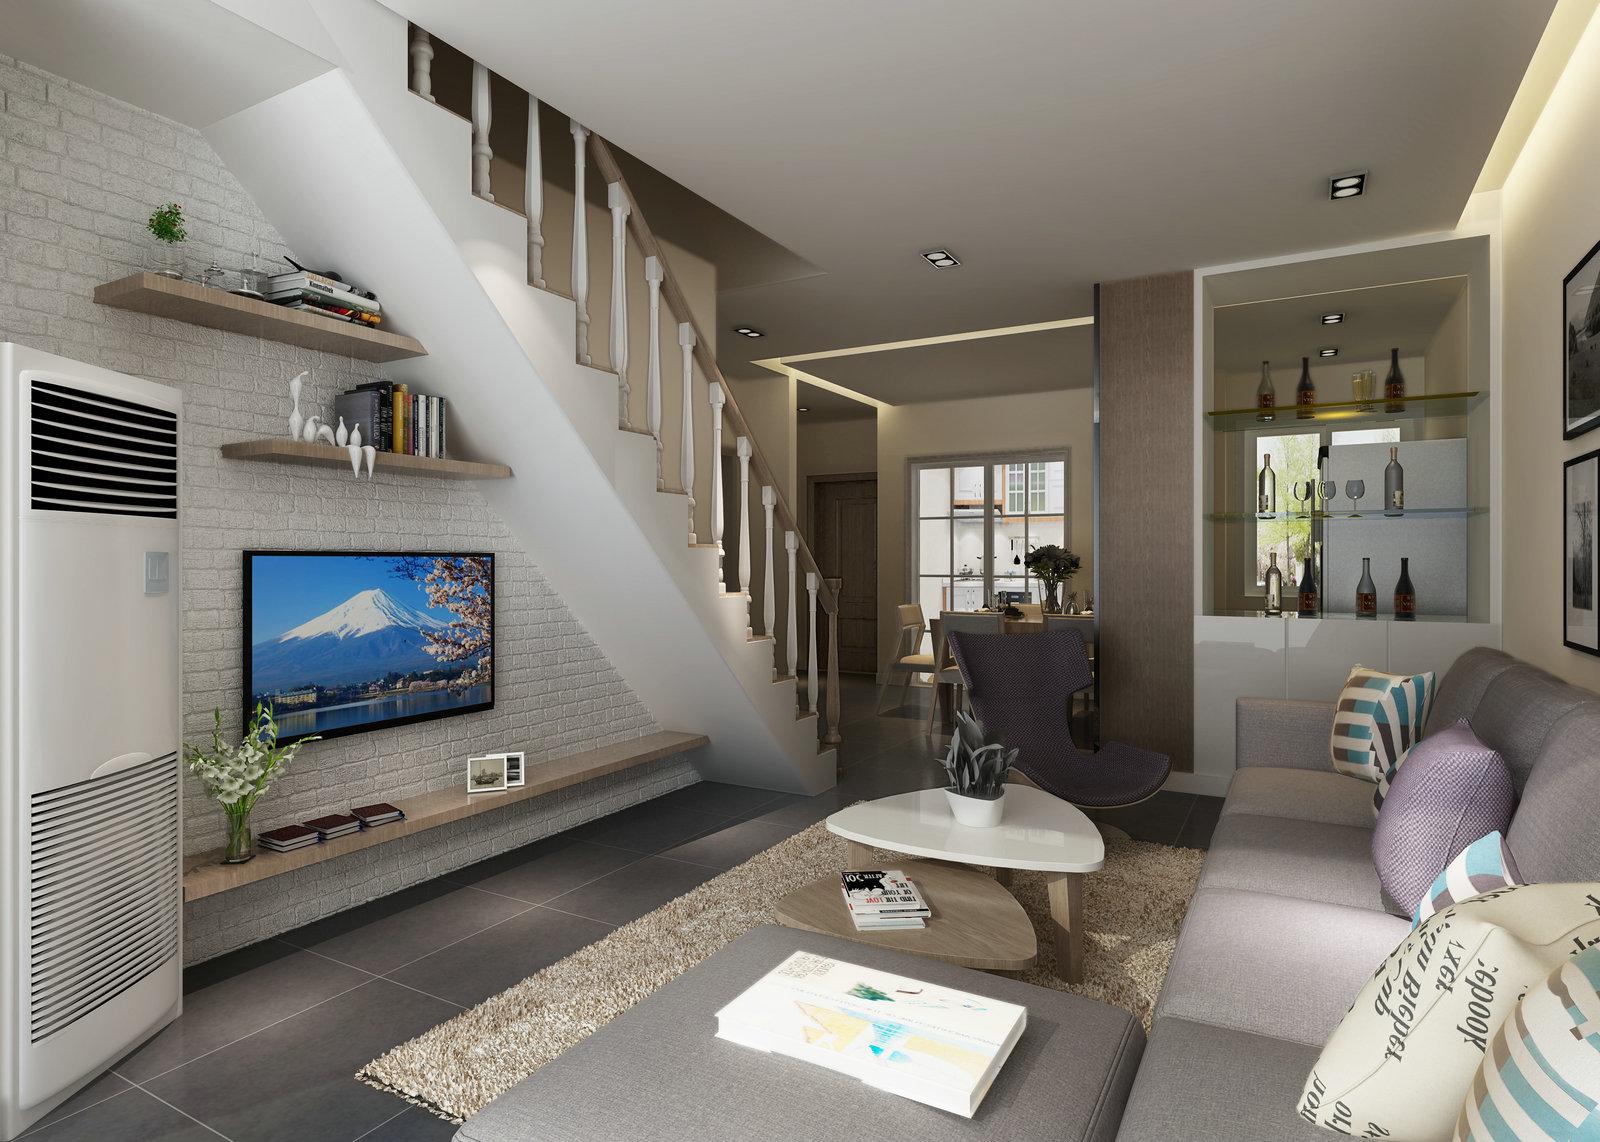 媳妇花42万元就把216平米的房子装修好了,大家觉得怎么样?-恒文星尚湾装修